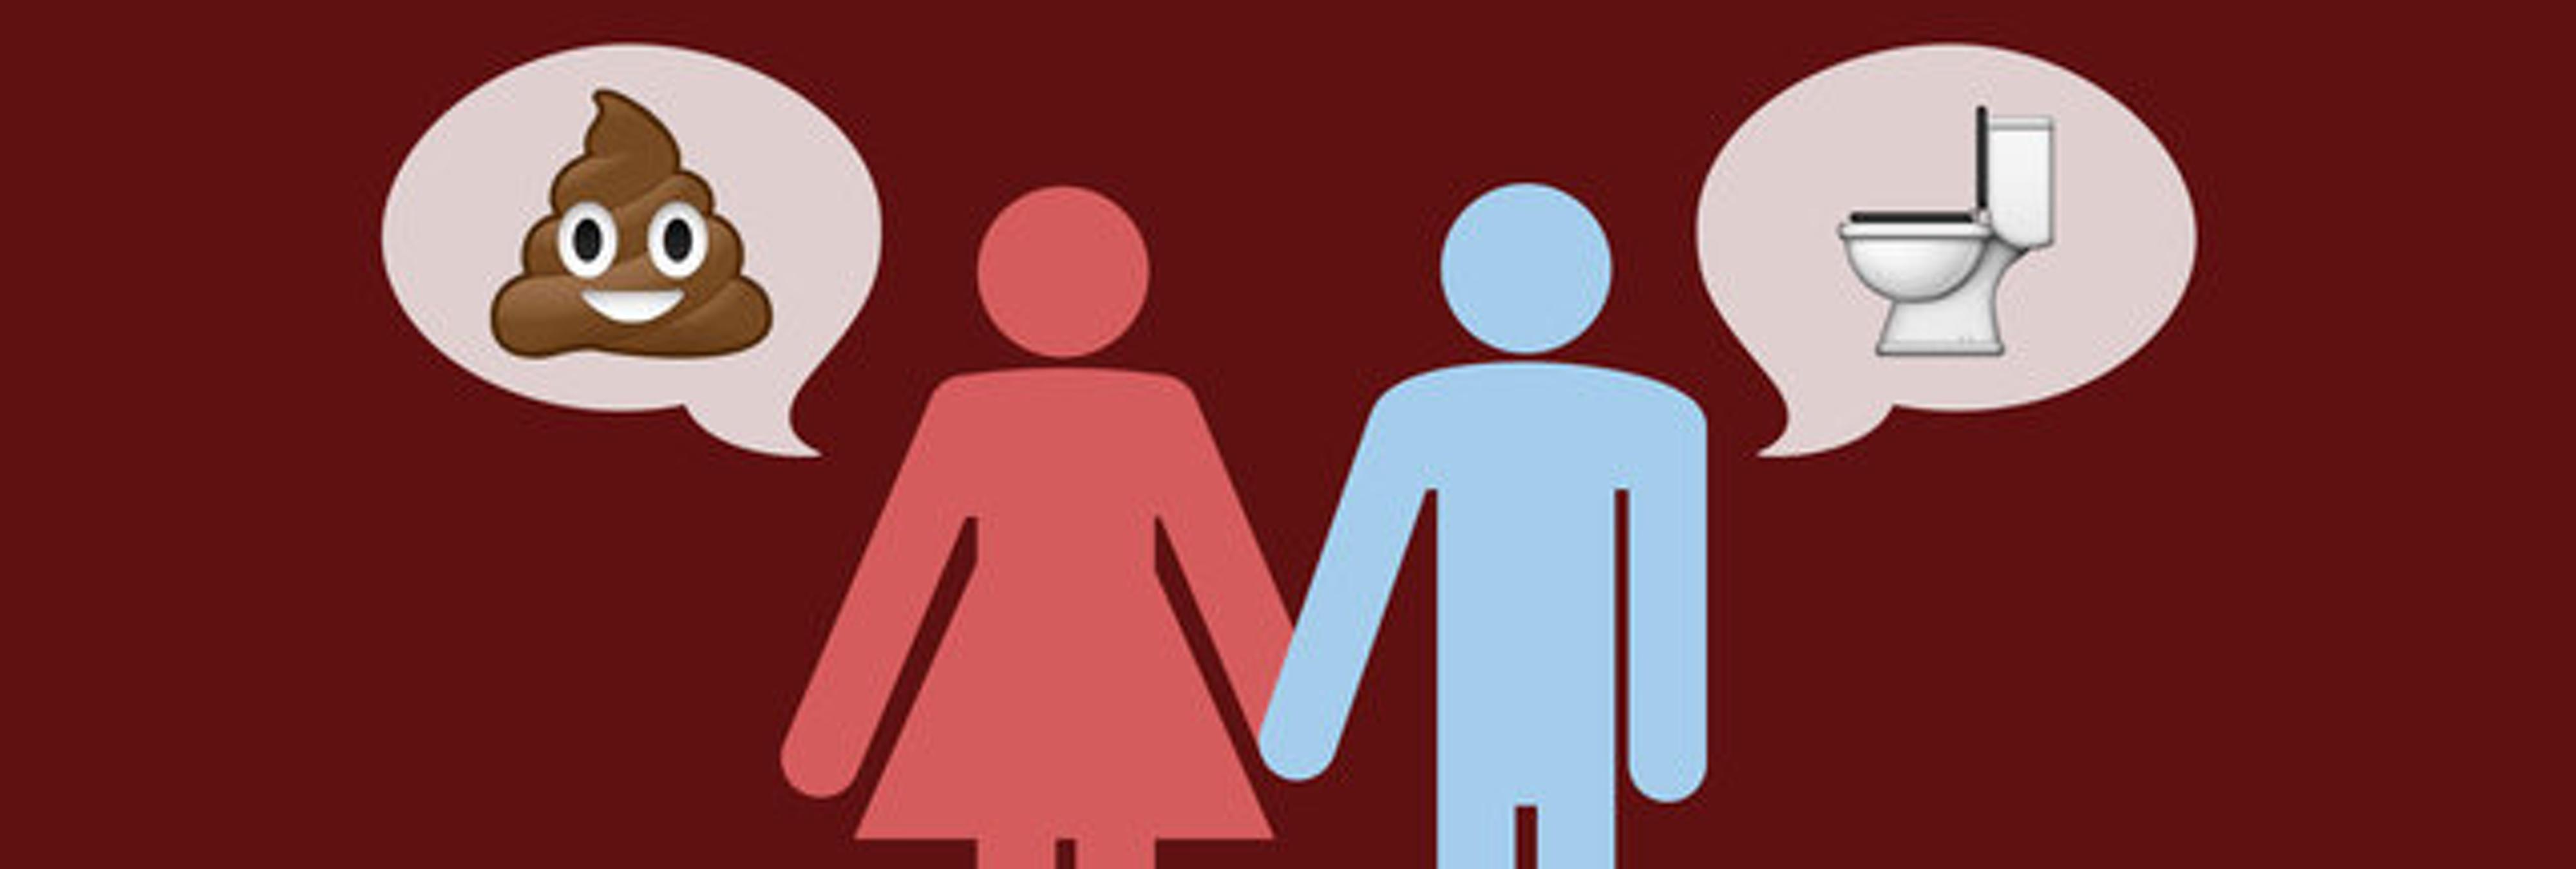 Las parejas que hablan de caca sin tabúes son más felices